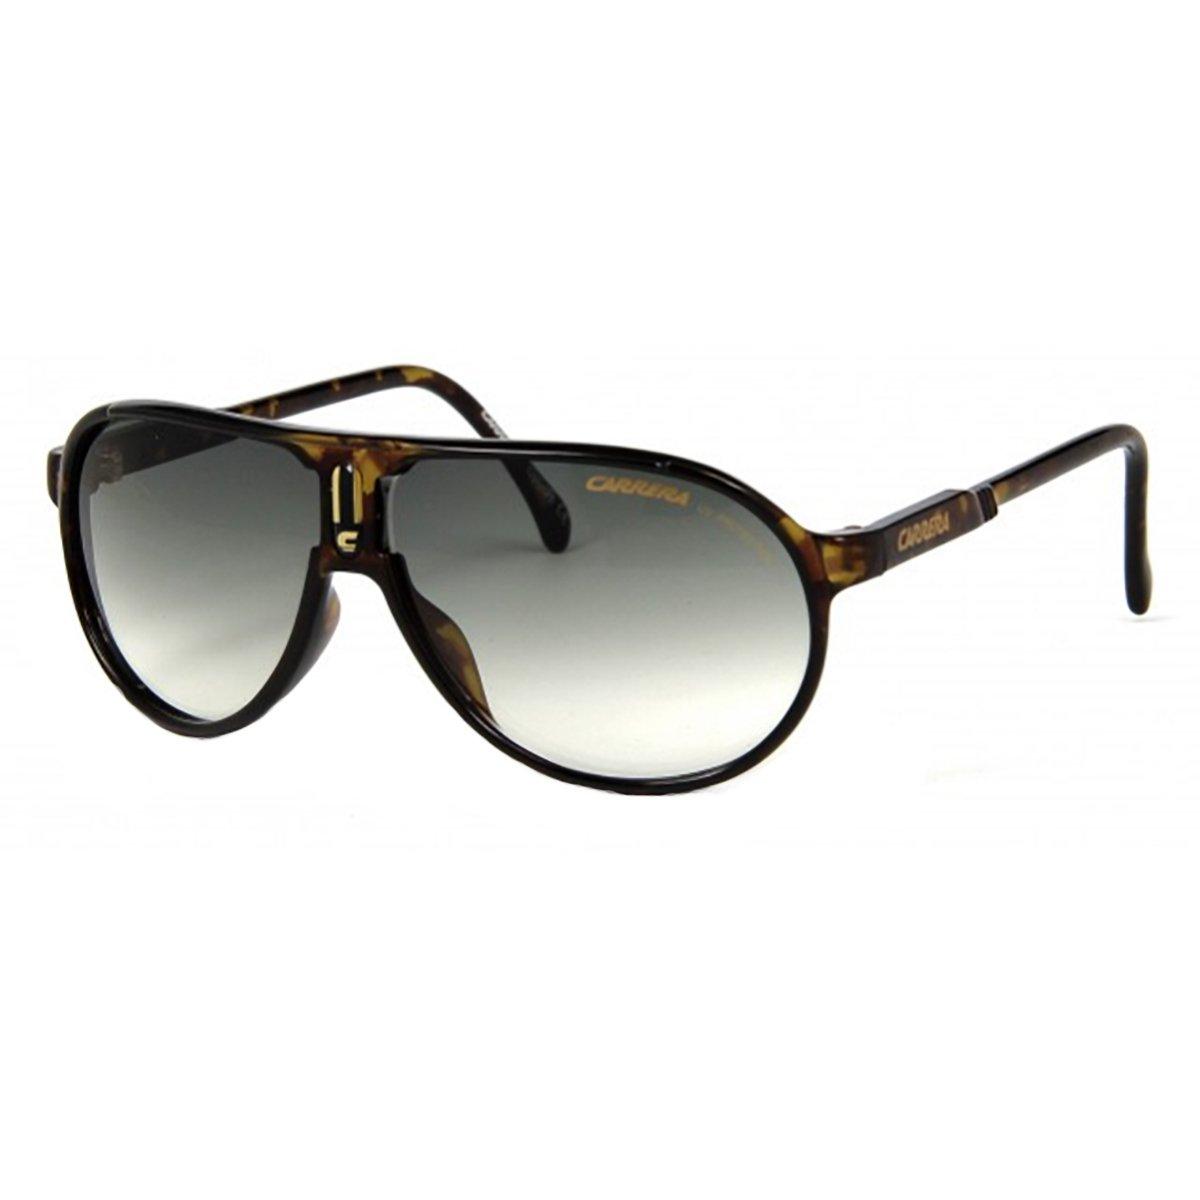 c15a12fcdb698 Compre Óculos de Sol Carrera Champion Infantil em 10X